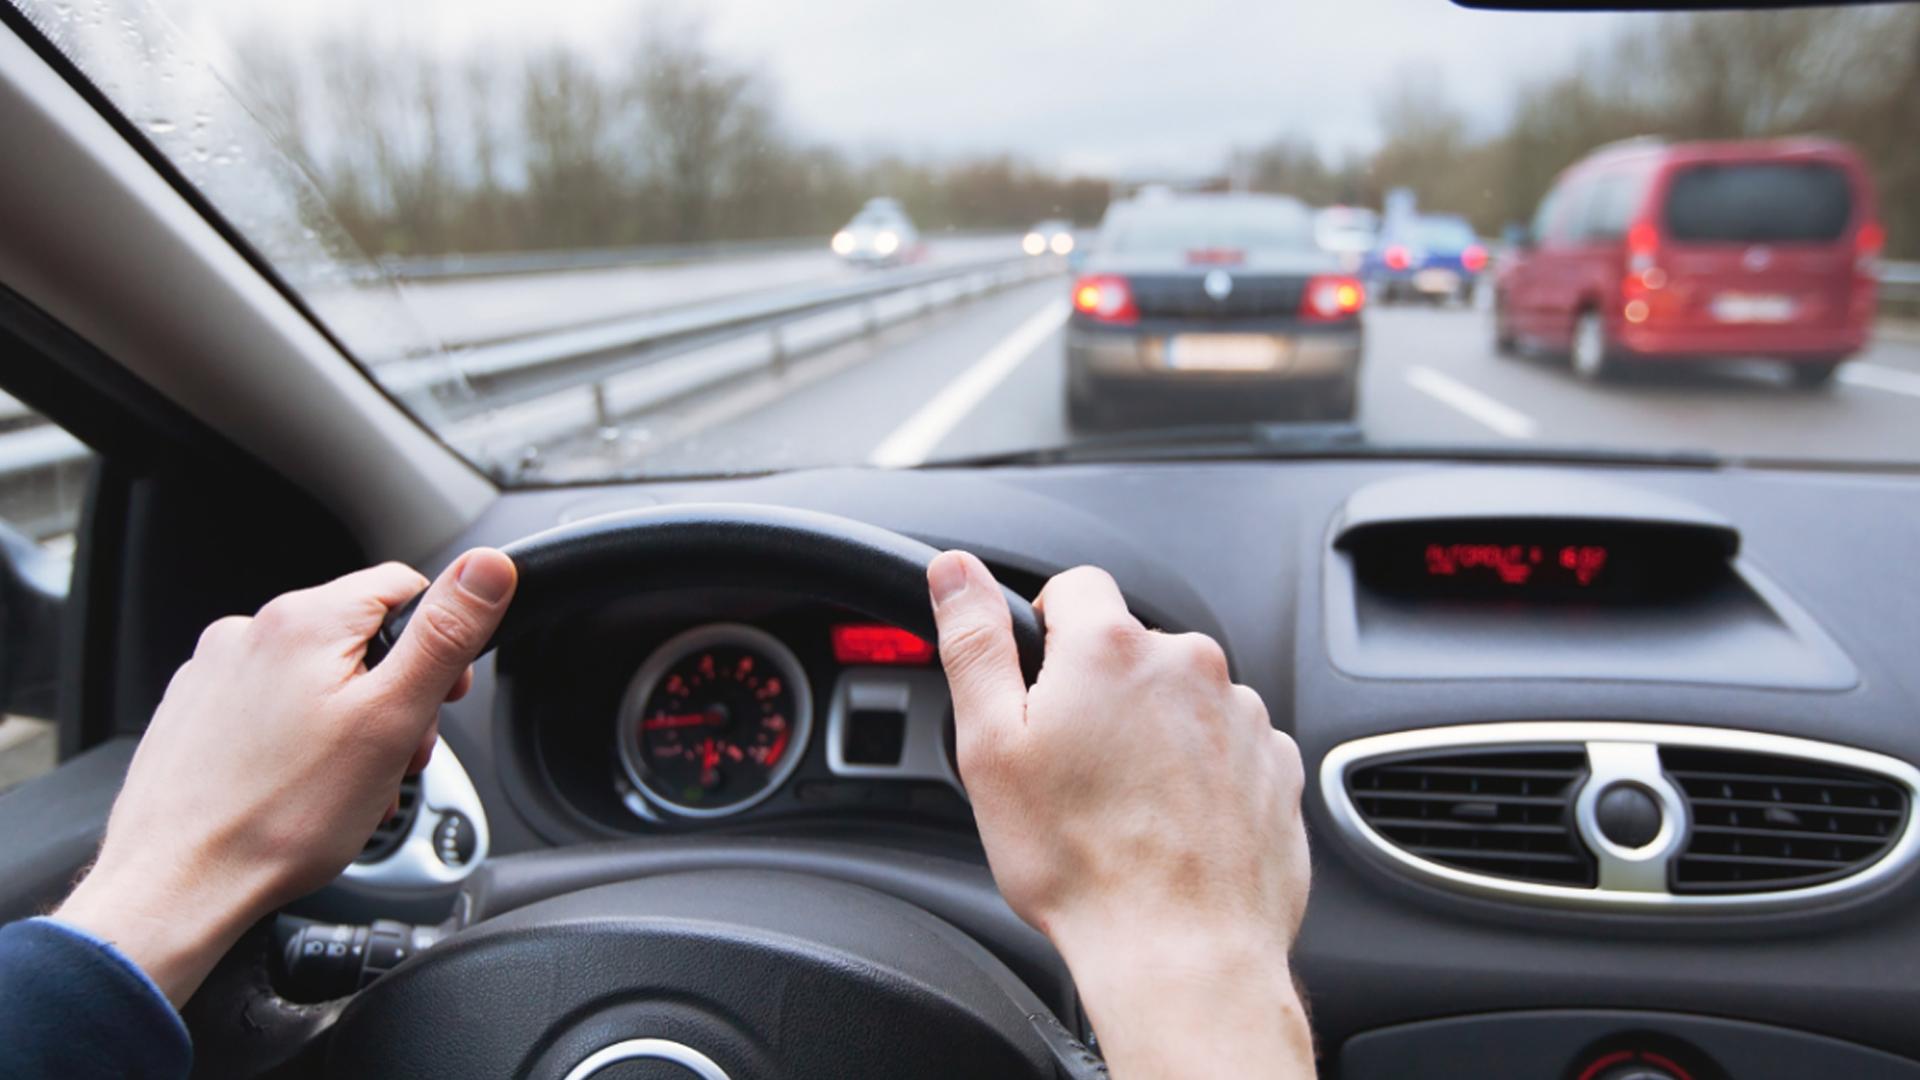 A pesar de los controles, la seguridad vial todavía está lejos de ser resuelto (iStock)